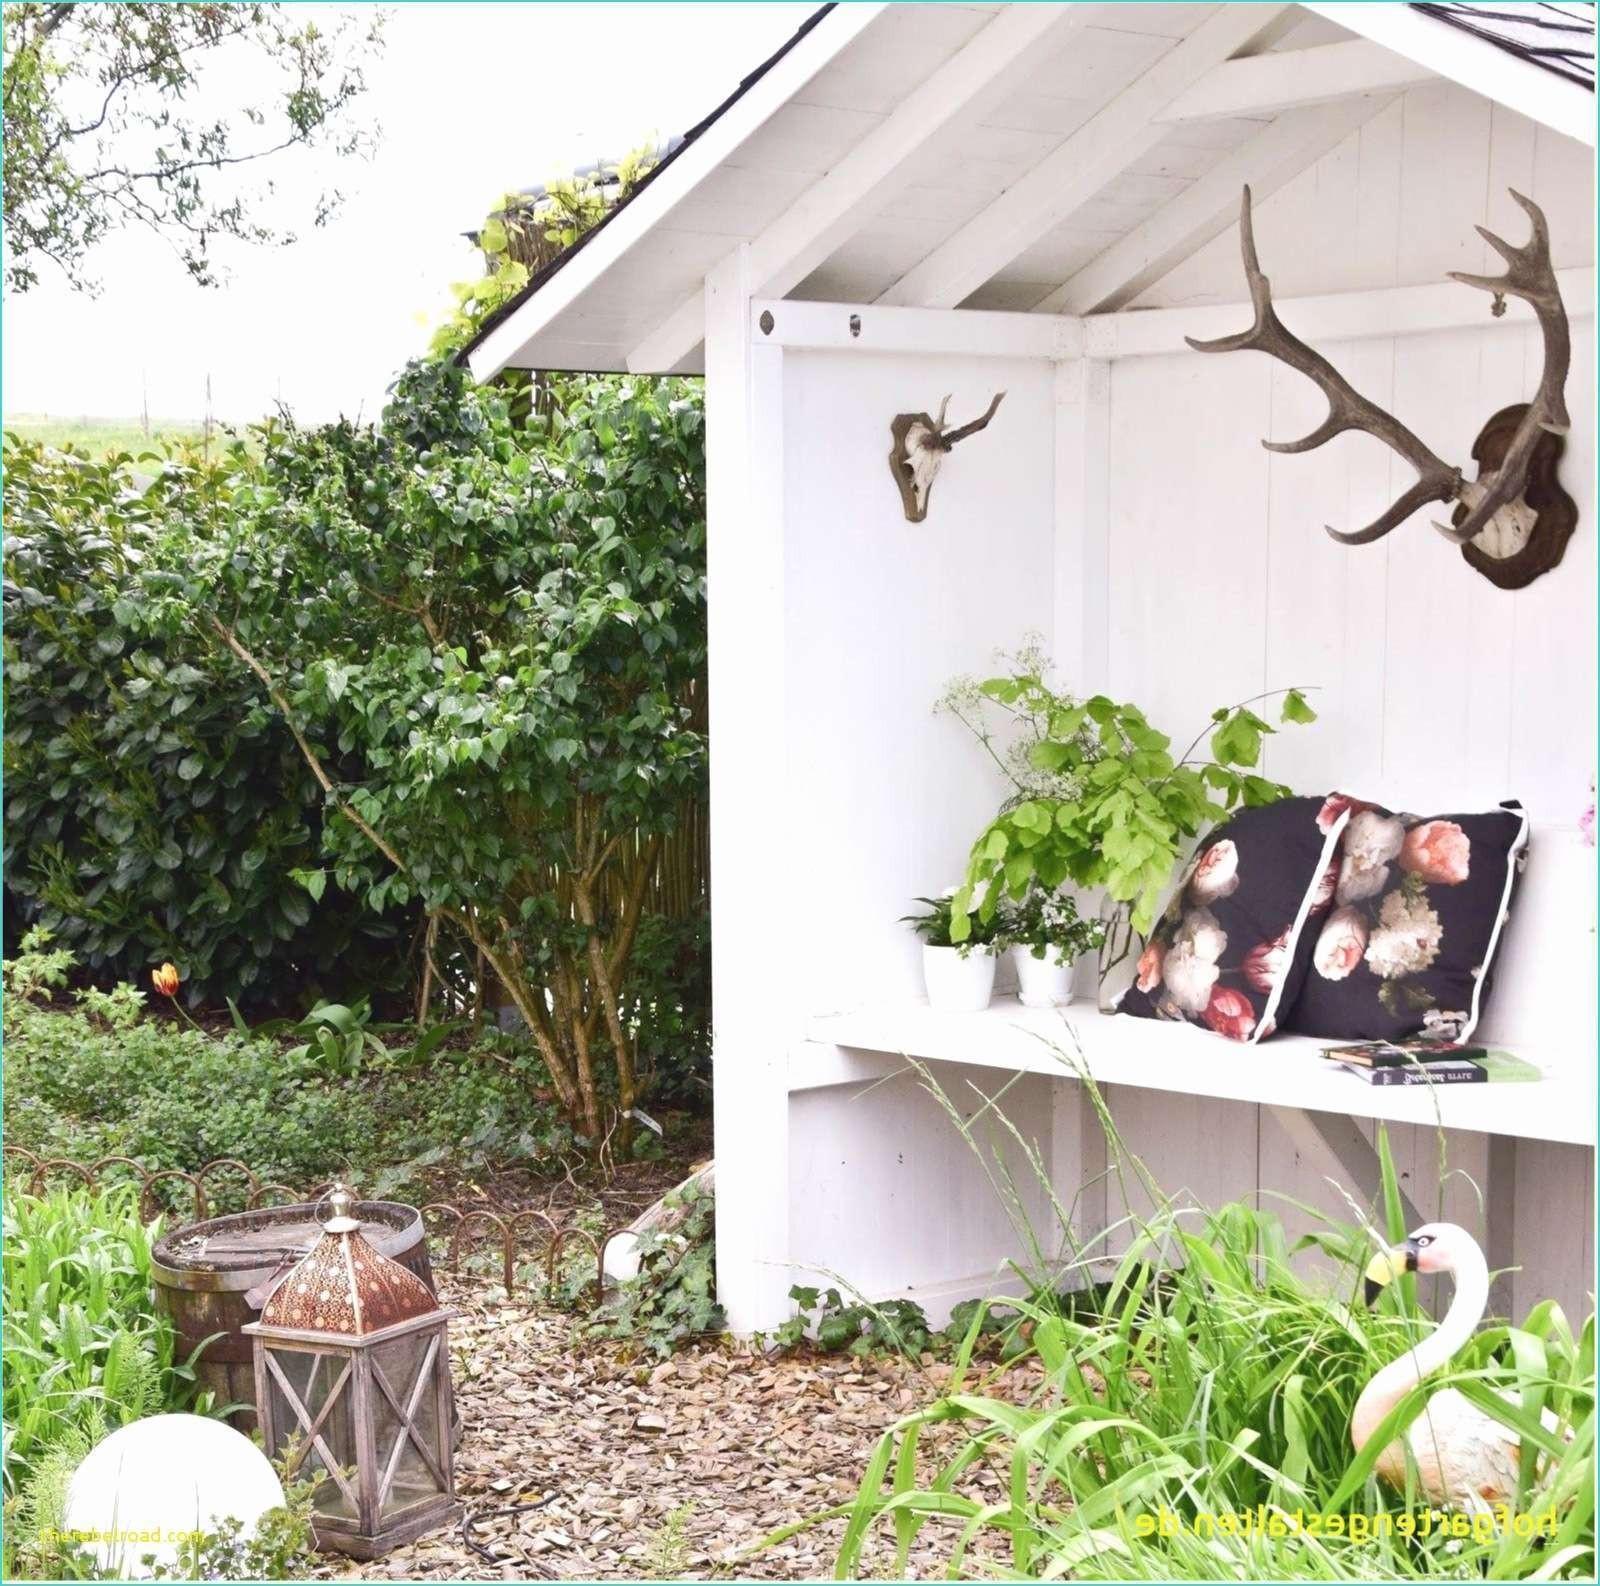 tischdeko fur den gartentisch 48 elegant deko fur balkon foto design von garten dekoration of tischdeko fur den gartentisch